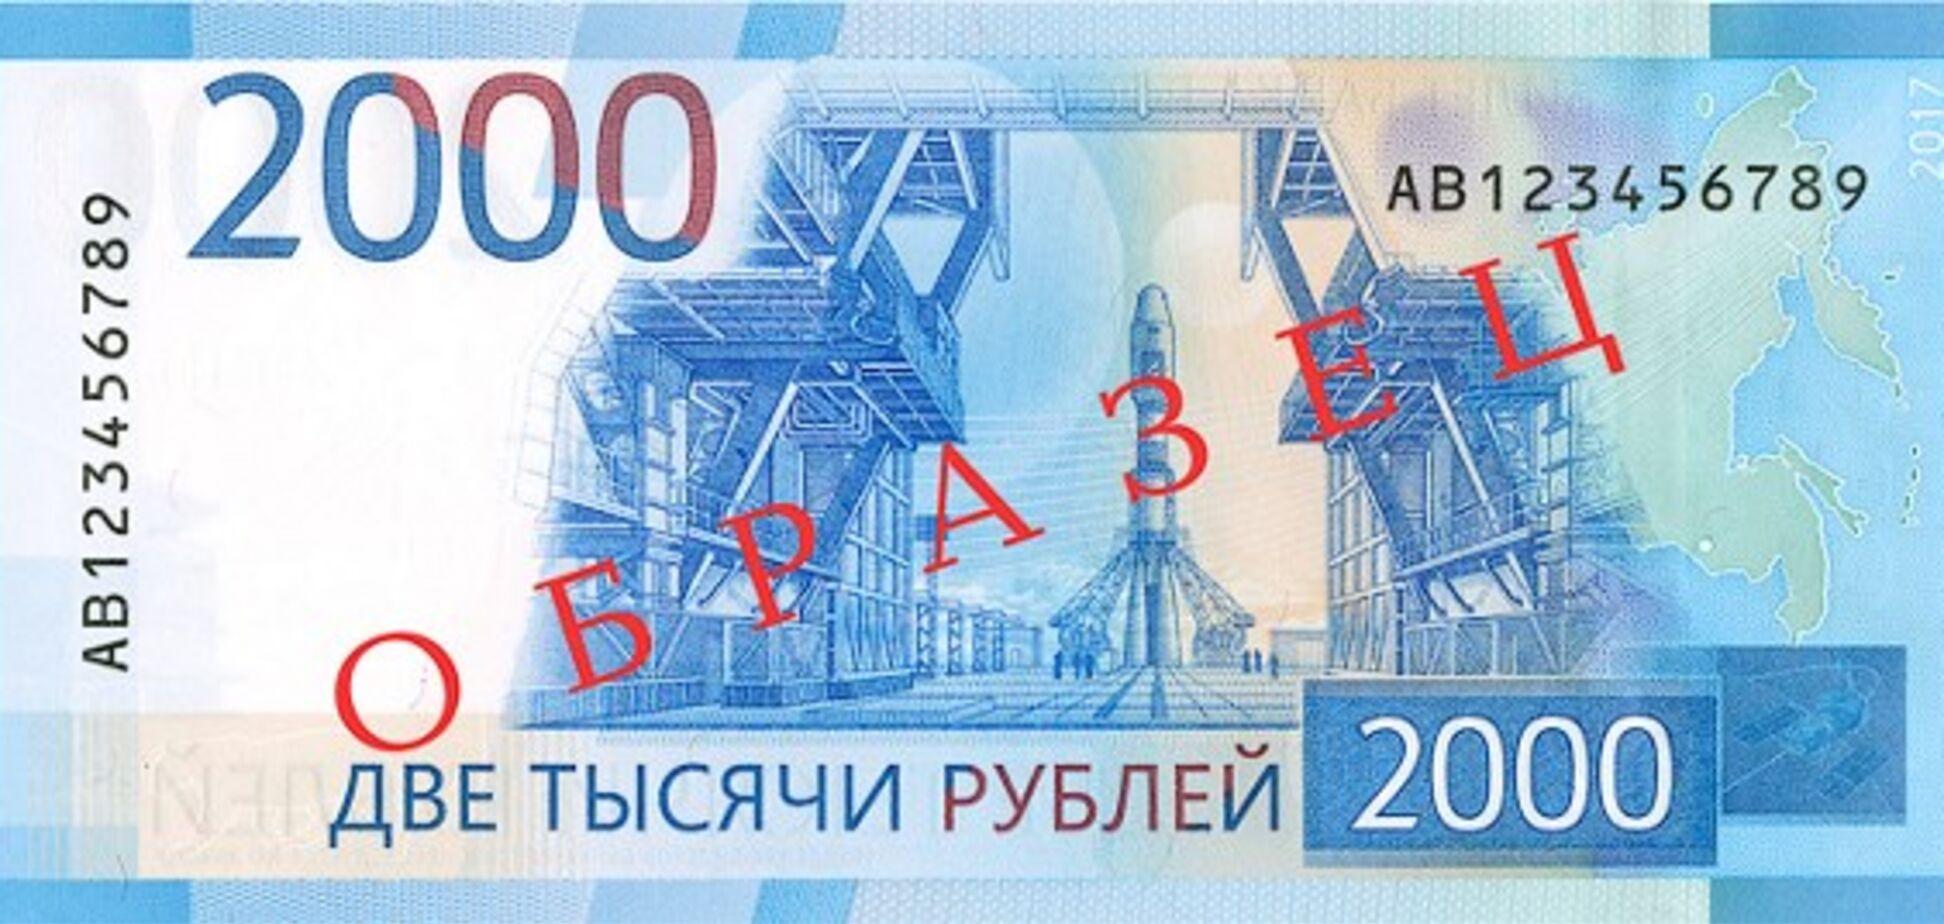 Приєднали, але не Крим: на скандальних купюрах Росії знайшли черговий ляп. Фотофакт